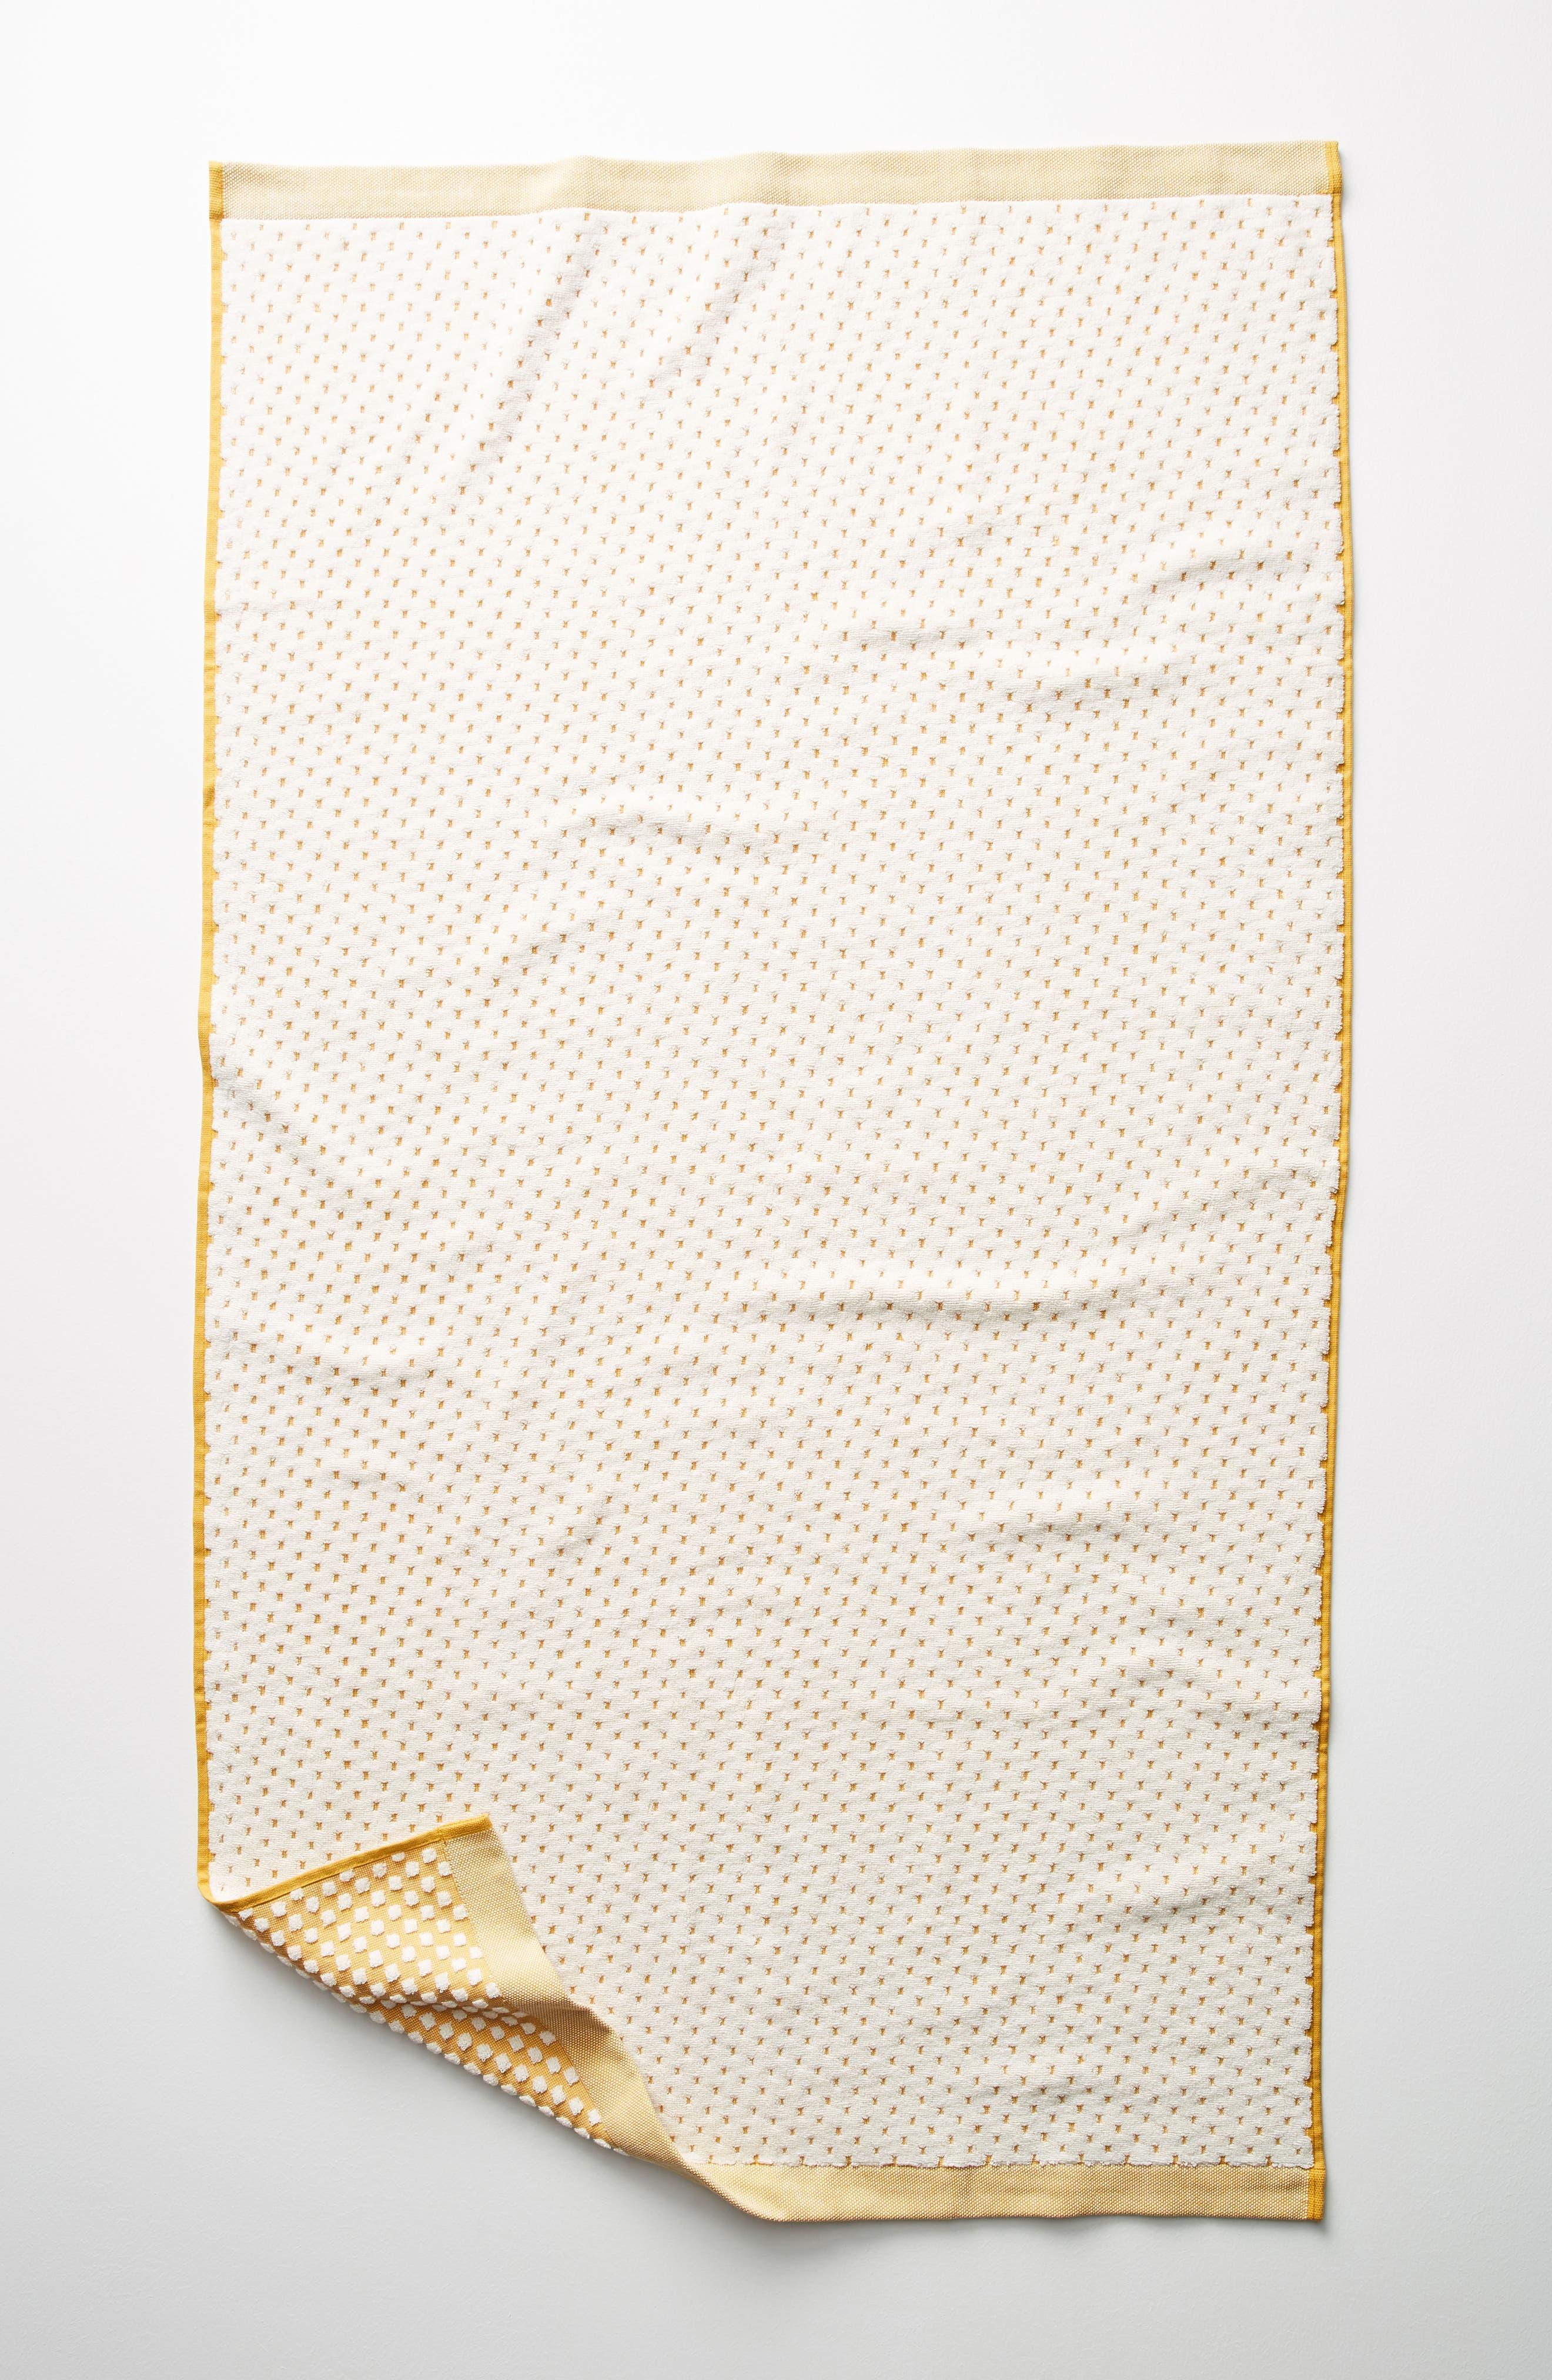 Dot Jacquard Hand Towel,                             Alternate thumbnail 12, color,